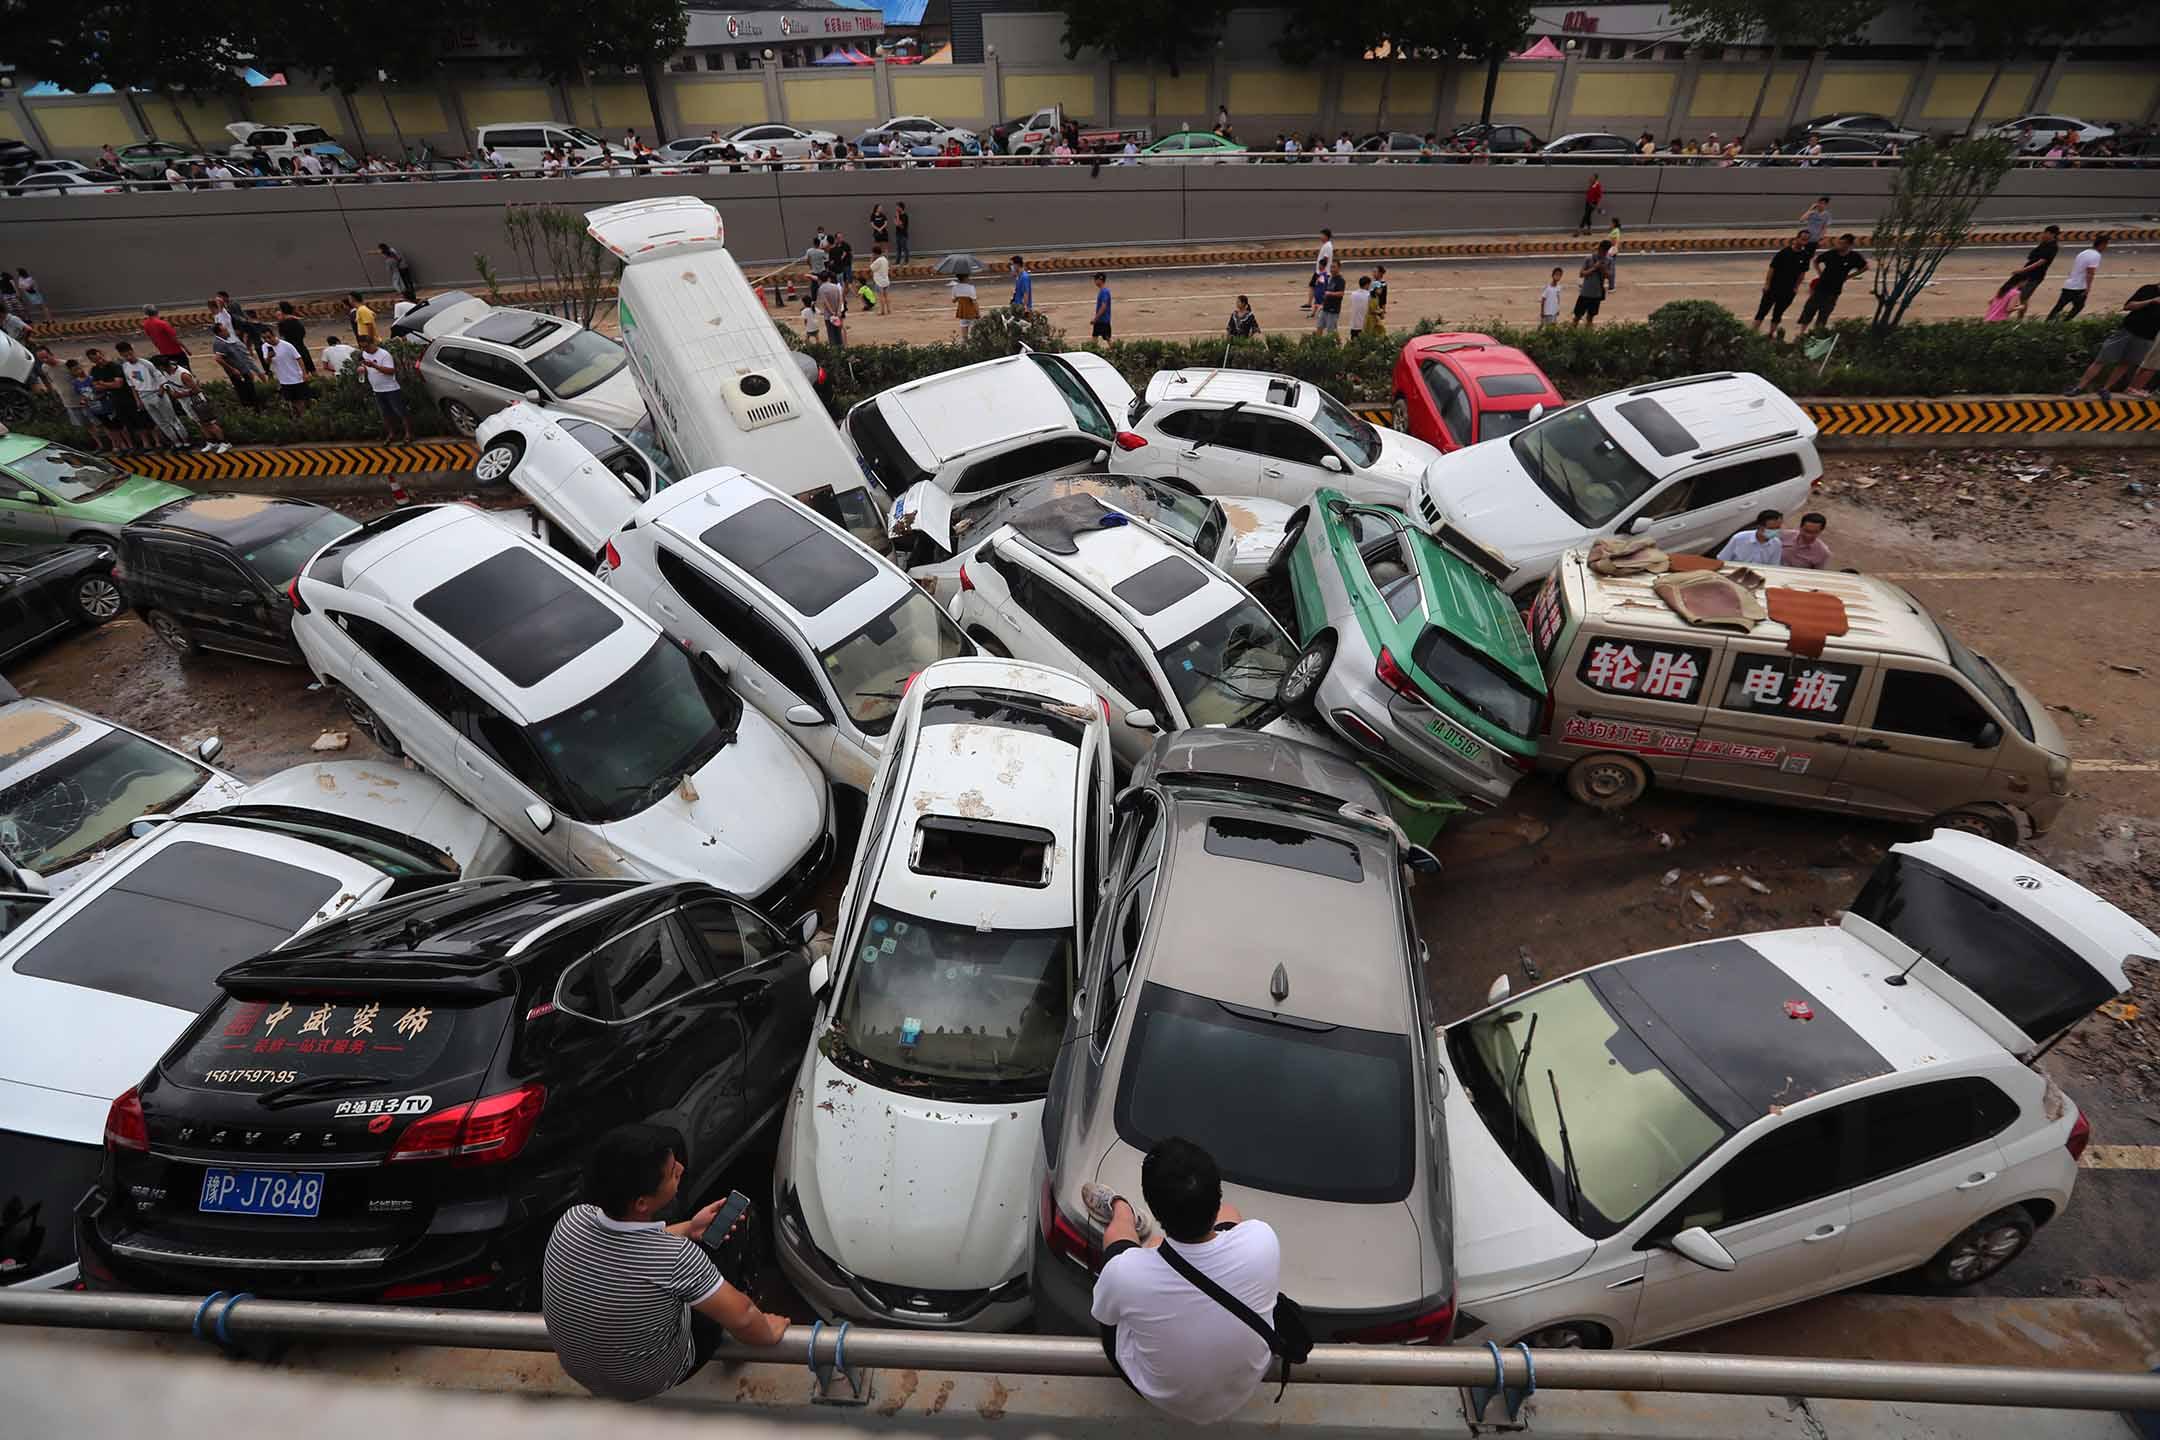 2021年7月22日中國鄭州,高速公路隧道入口處,損壞的汽車停在泥濘的路上。